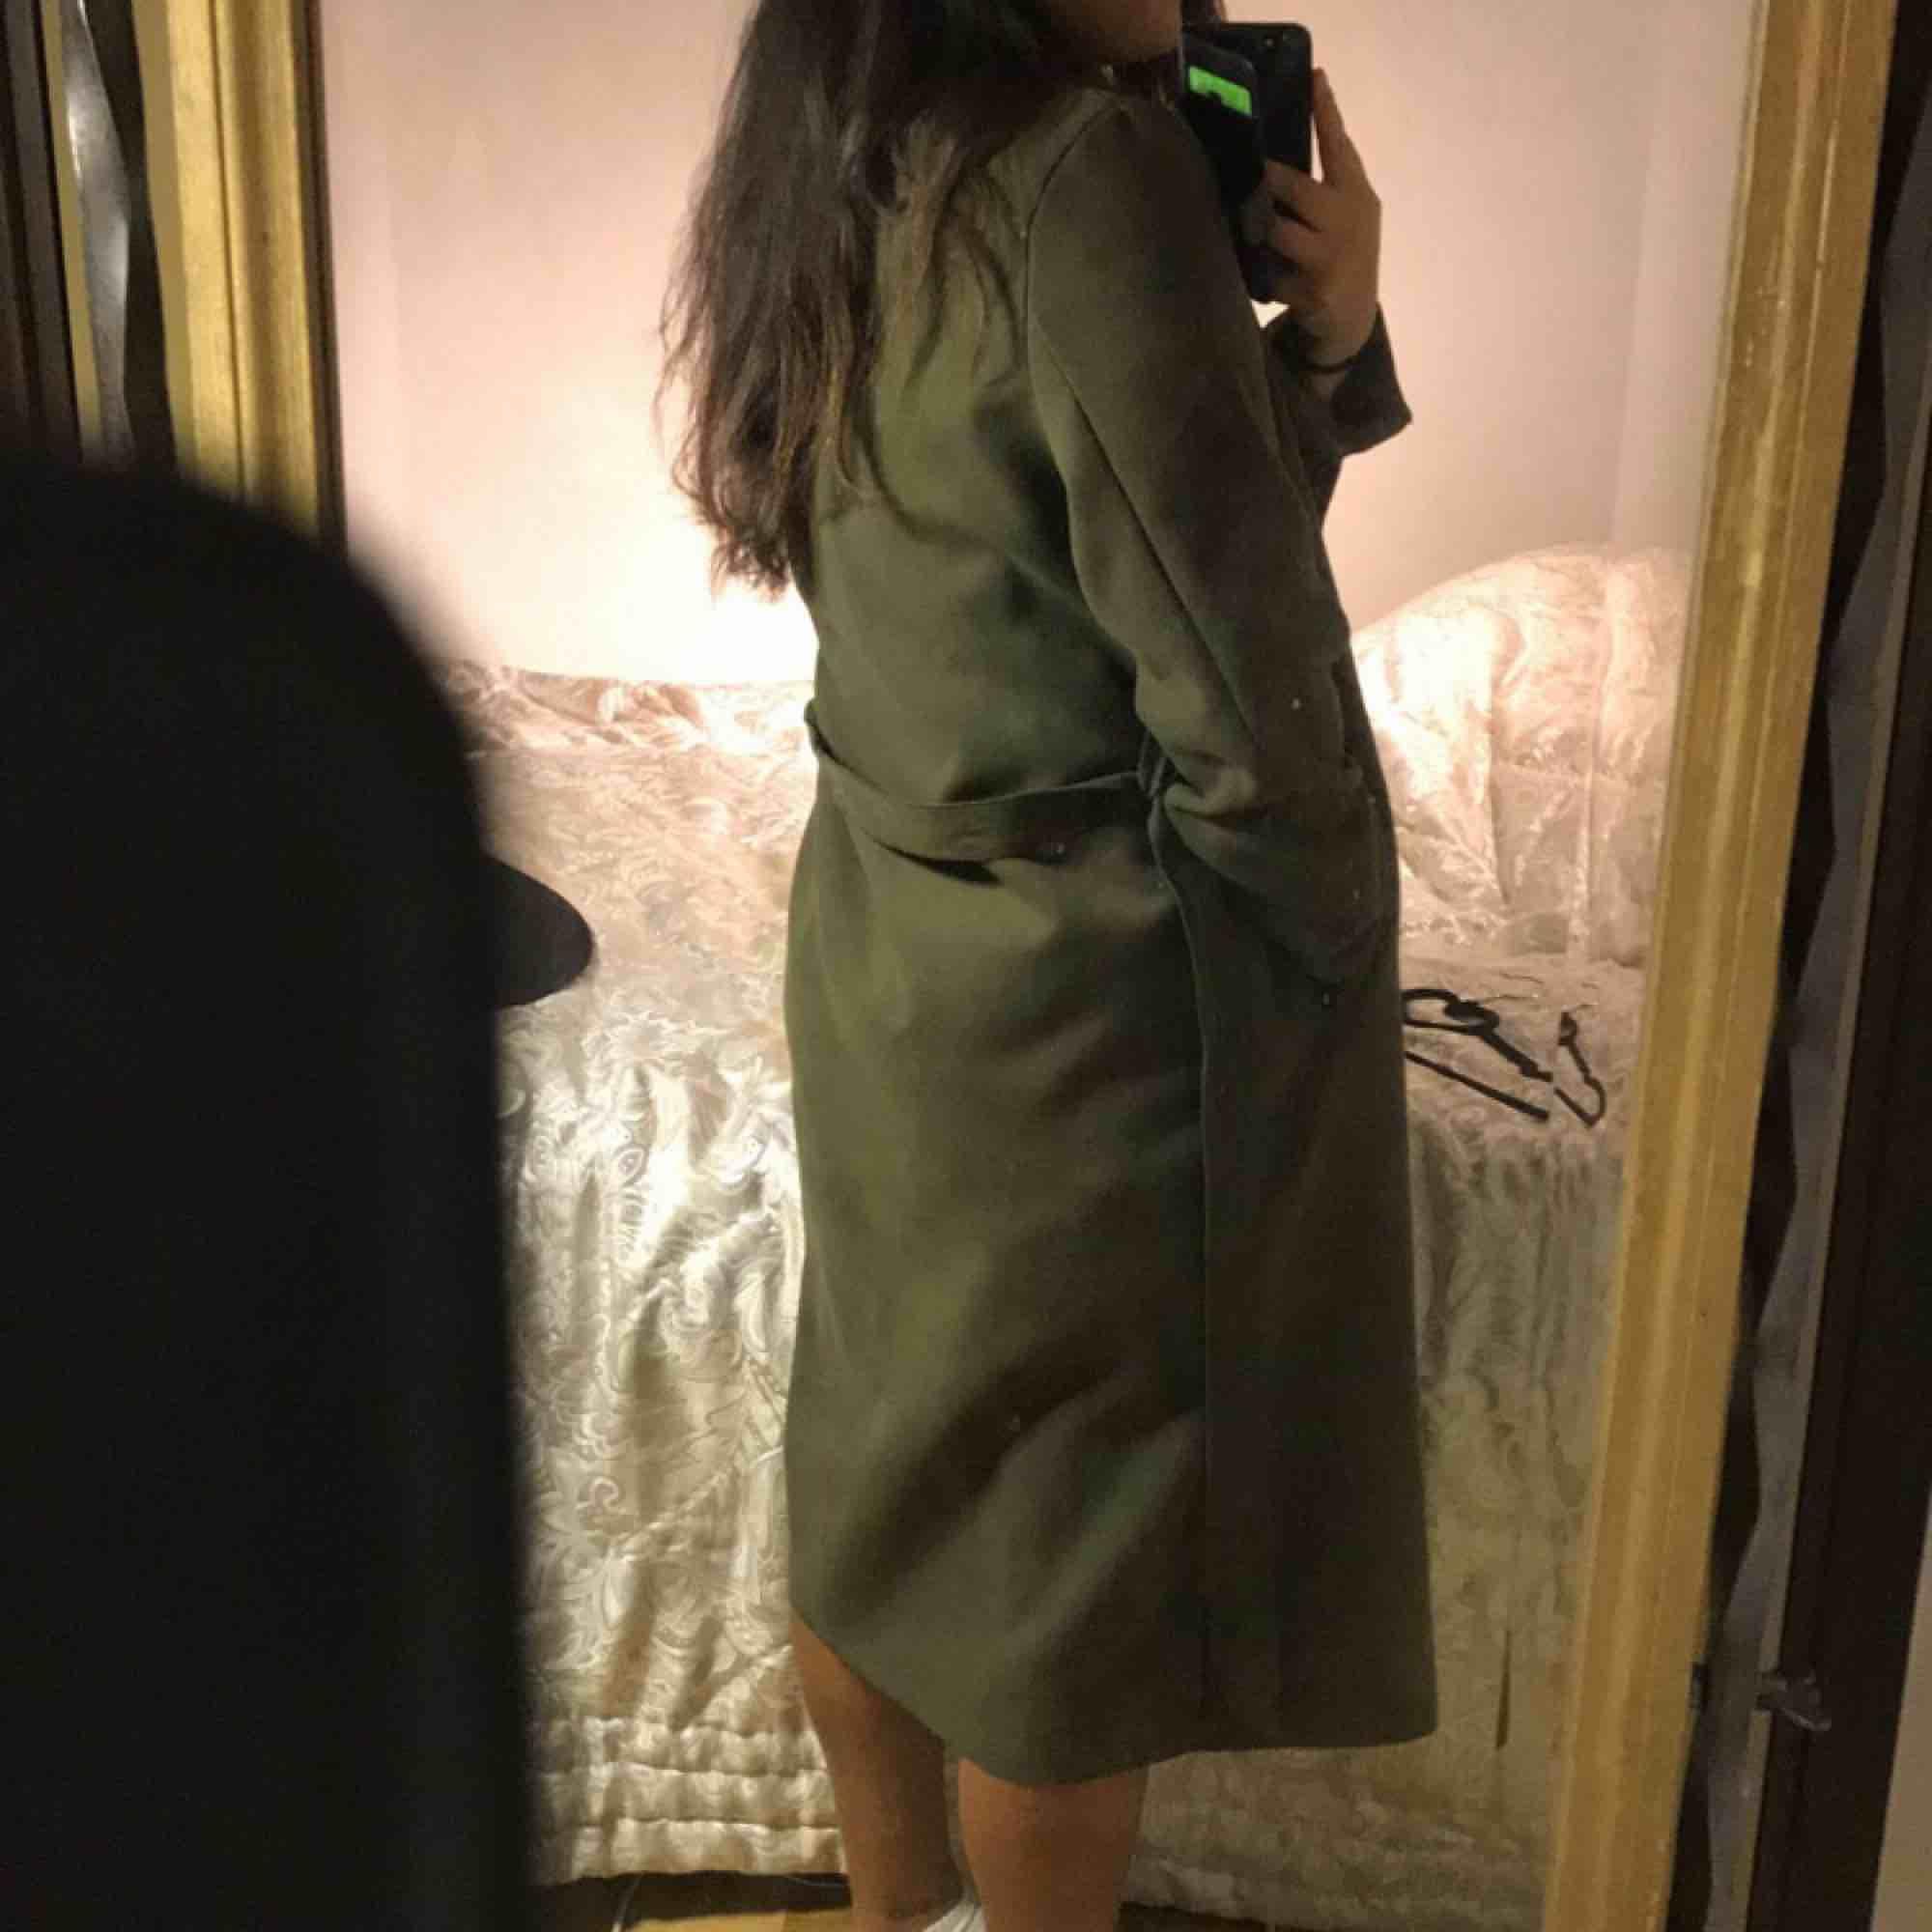 Mörk/militär grön kappa köpt från boohoo i storlek S Använd 2-5 gånger, Skick:9/10. Jackor.